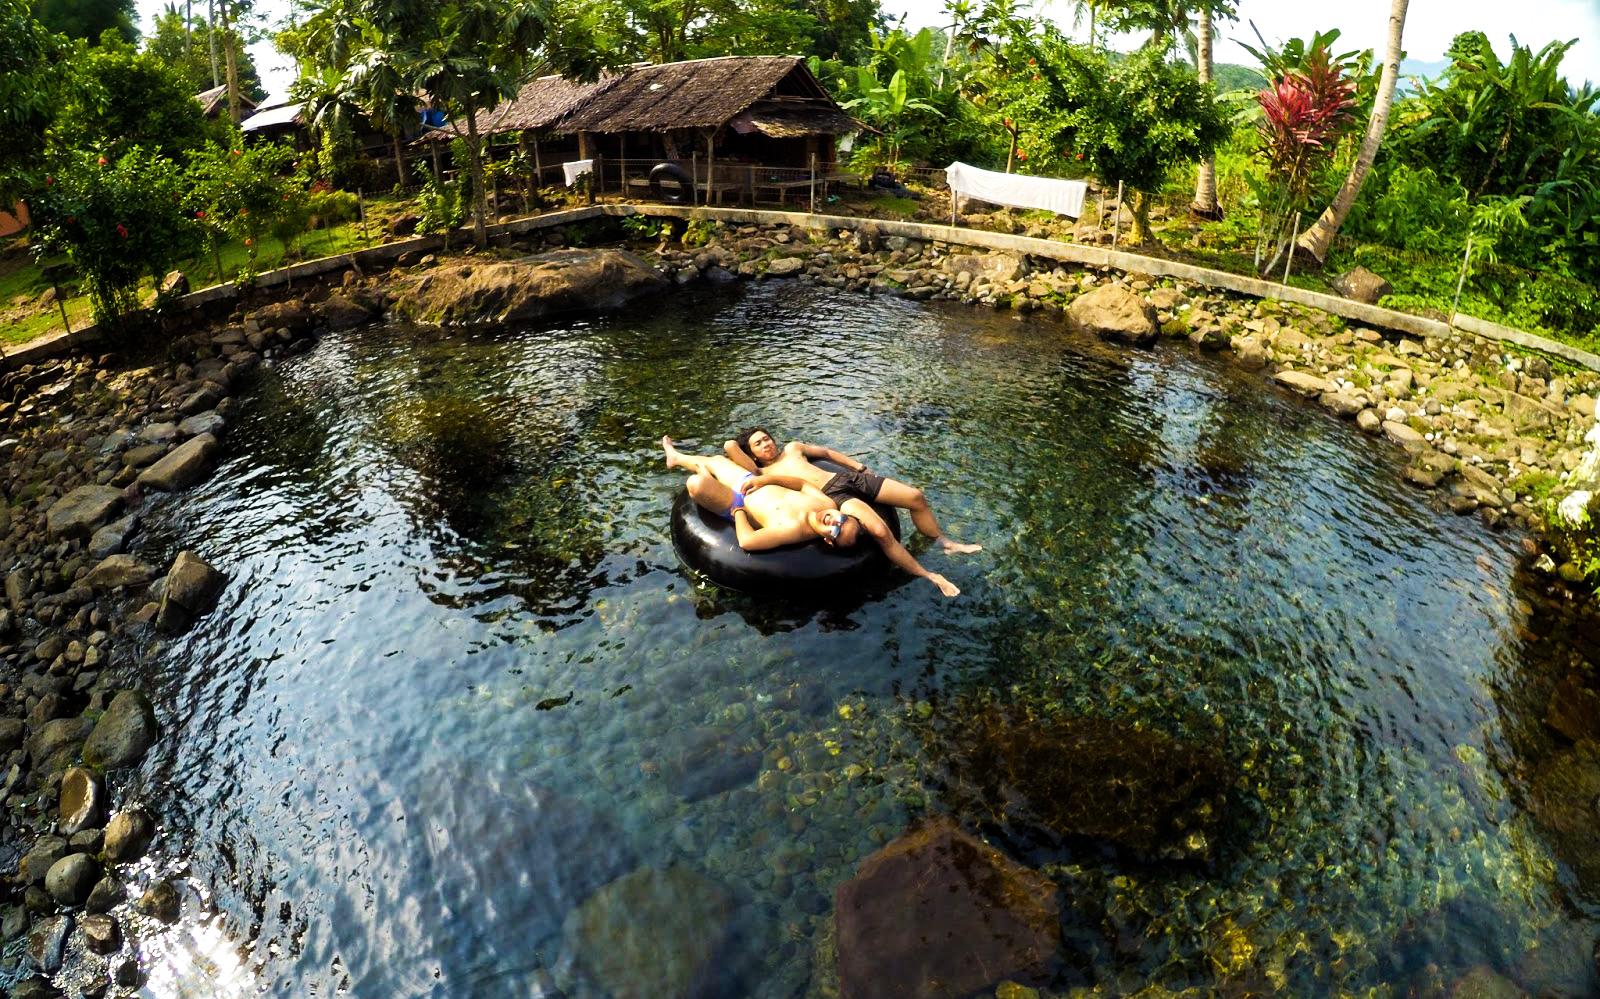 Situs Budaya Mata Air Citaman Banten